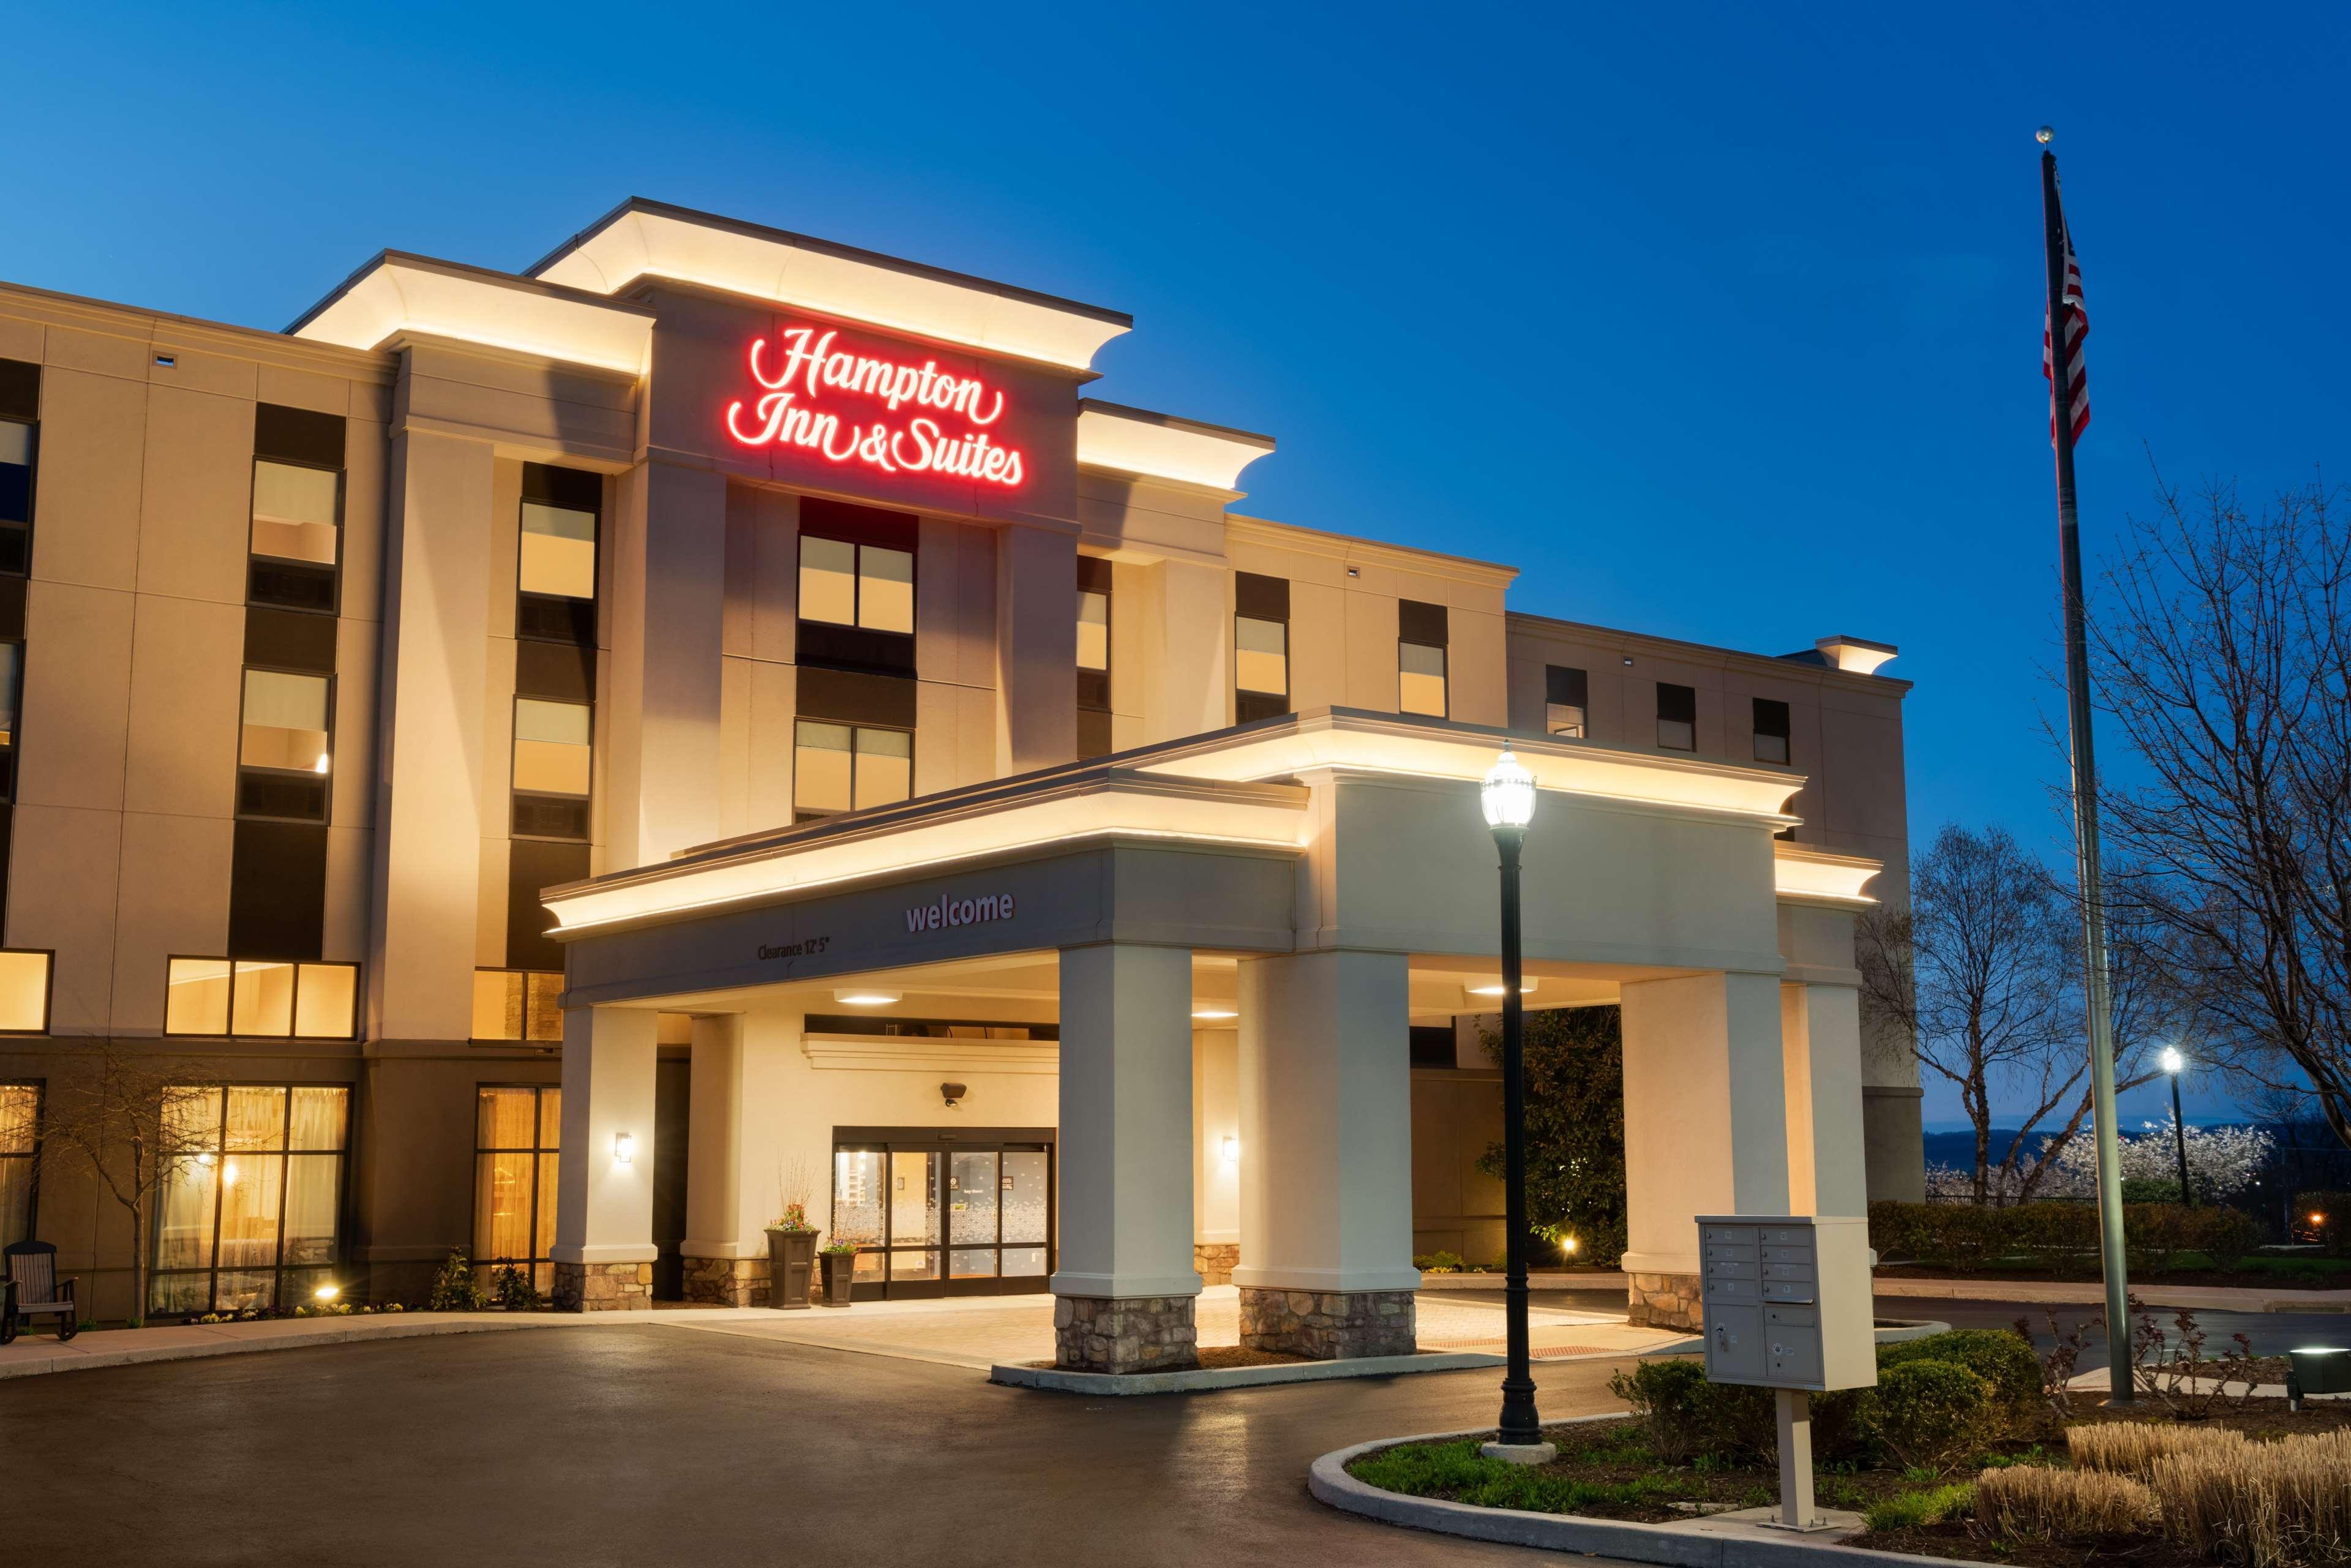 Hampton Inn & Suites Ephrata - Mountain Springs image 1